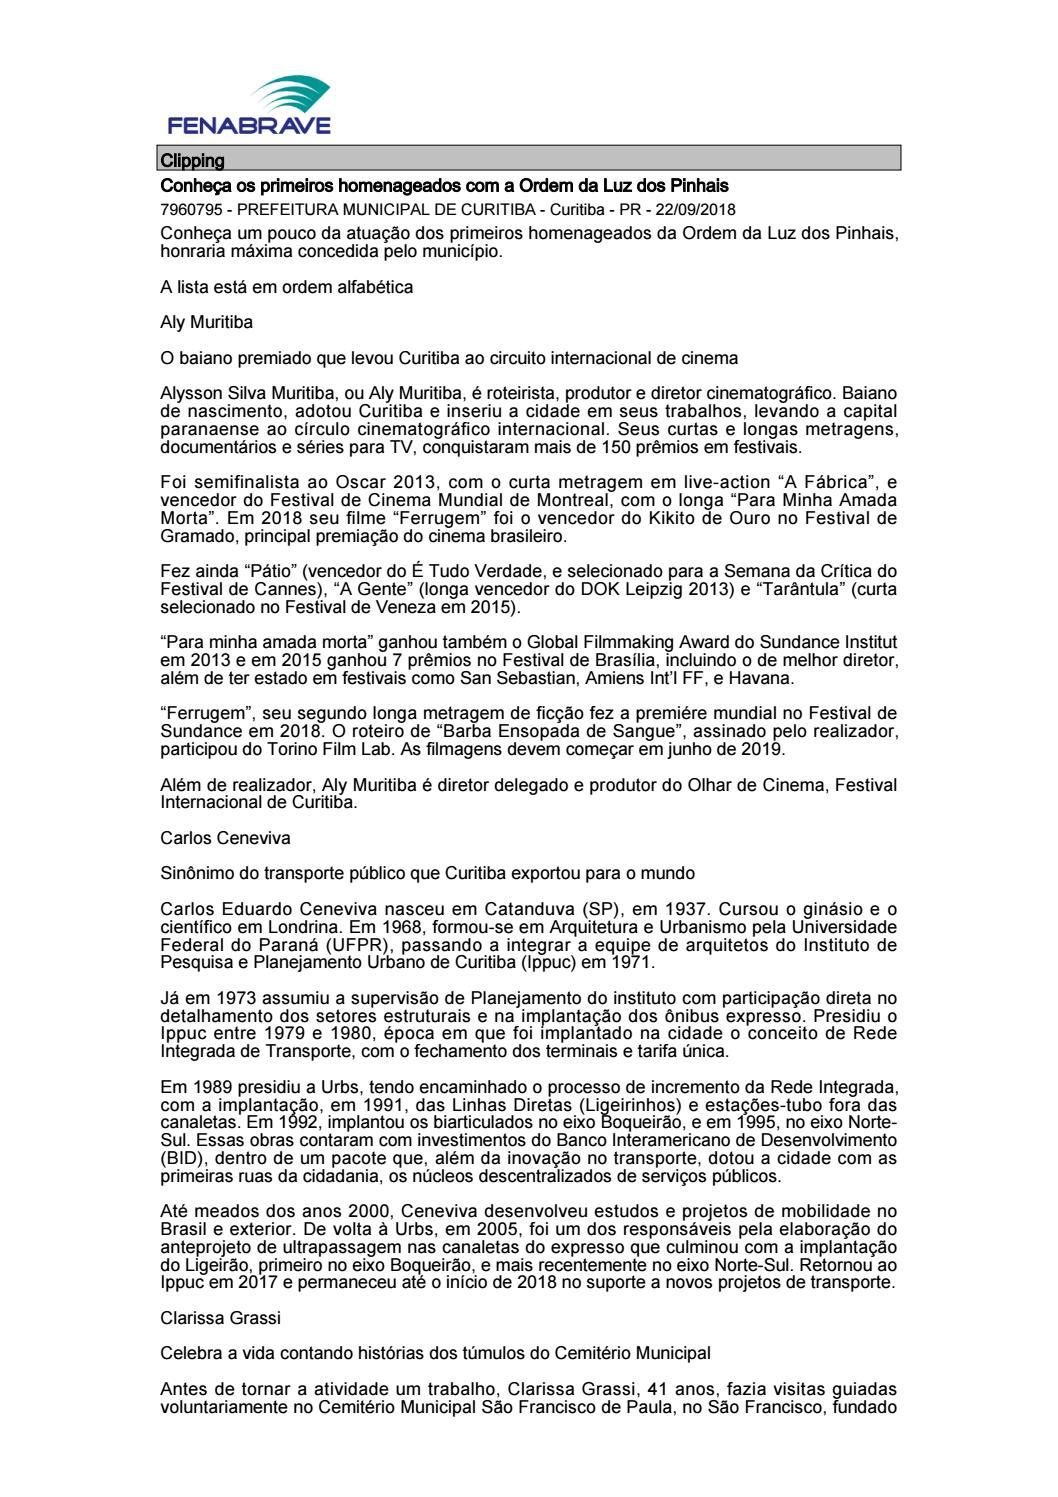 6d4d50c55082a Clipping Fenabrave 24.09.2018 by MCE Comunicação - issuu